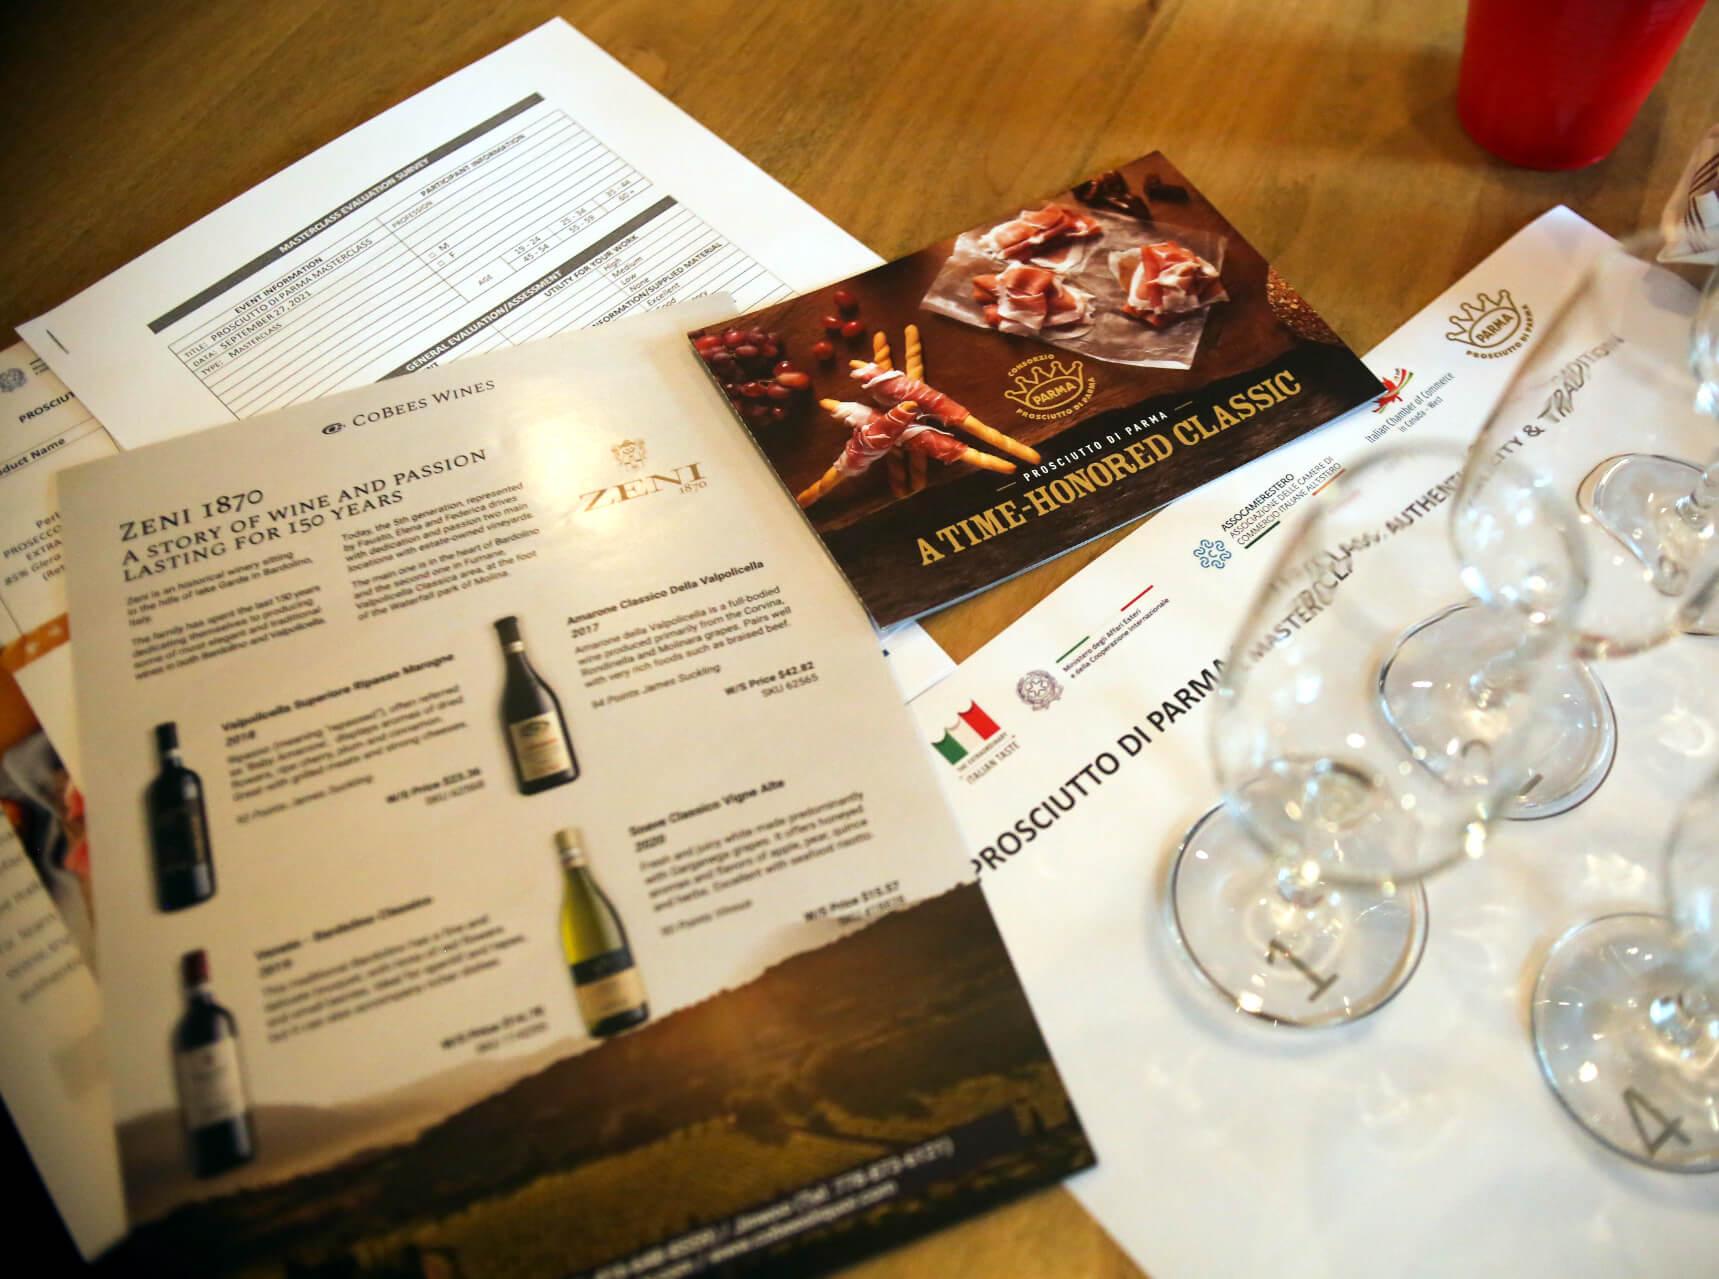 PROSCIUTTO DI PARMA MASTERCLASS 2021 Vancouver Wine Pairing